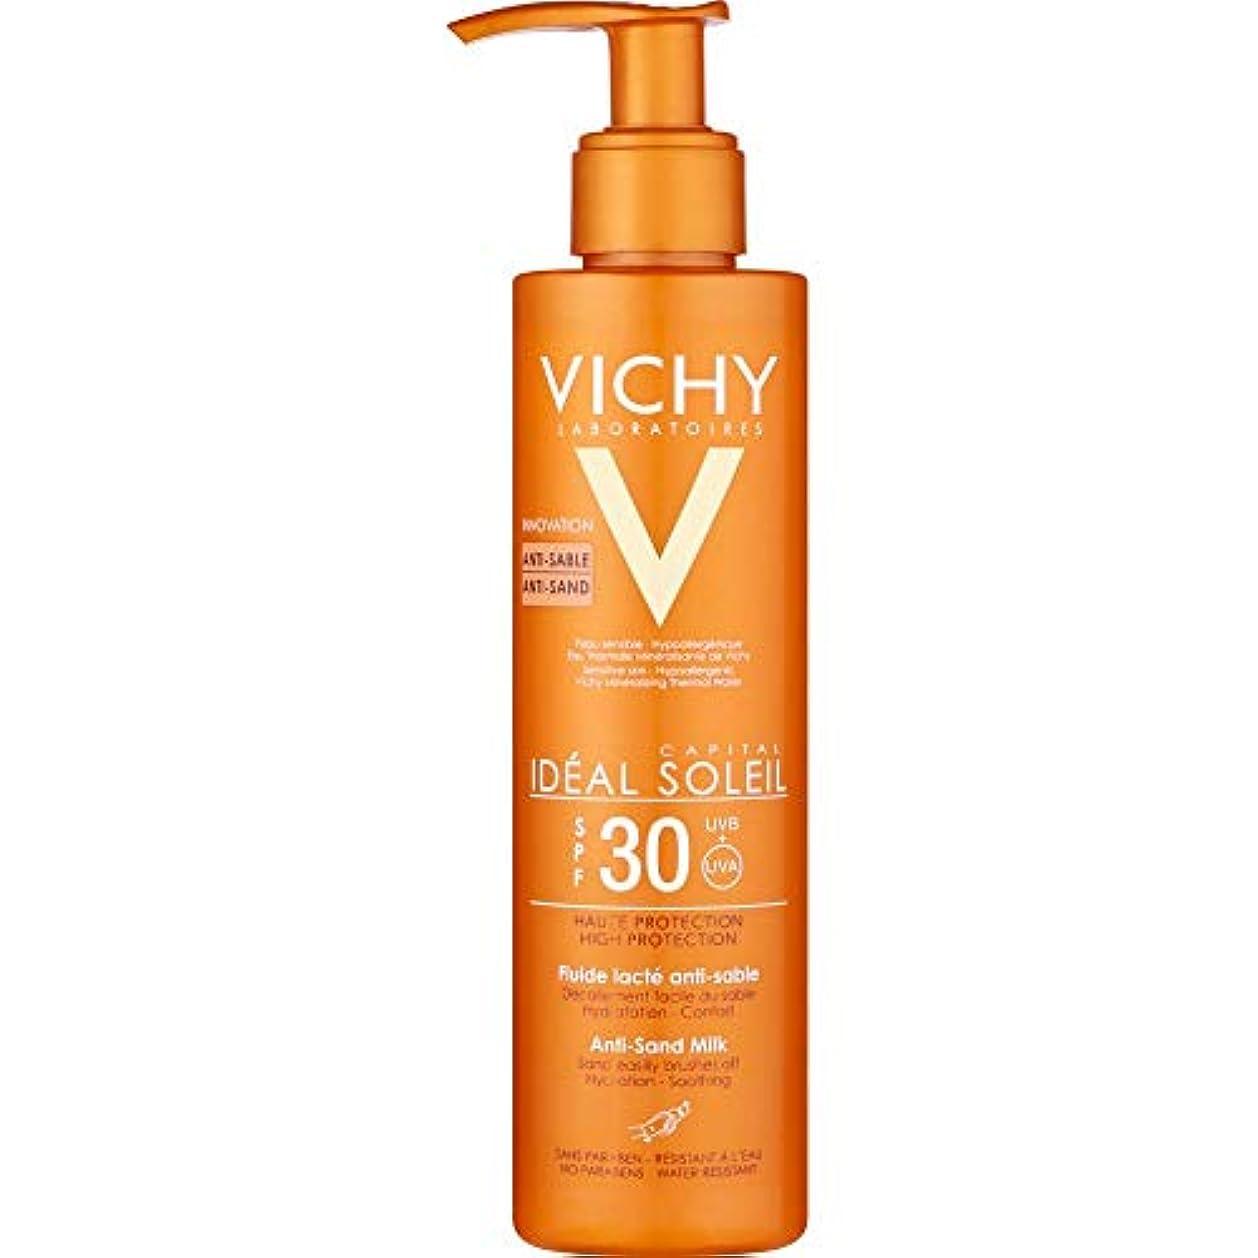 バックアップそのような縮約[Vichy] ヴィシー理想的ソレイユアンチ砂ミルクSpf30の200ミリリットル - Vichy Ideal Soleil Anti-Sand Milk SPF30 200ml [並行輸入品]